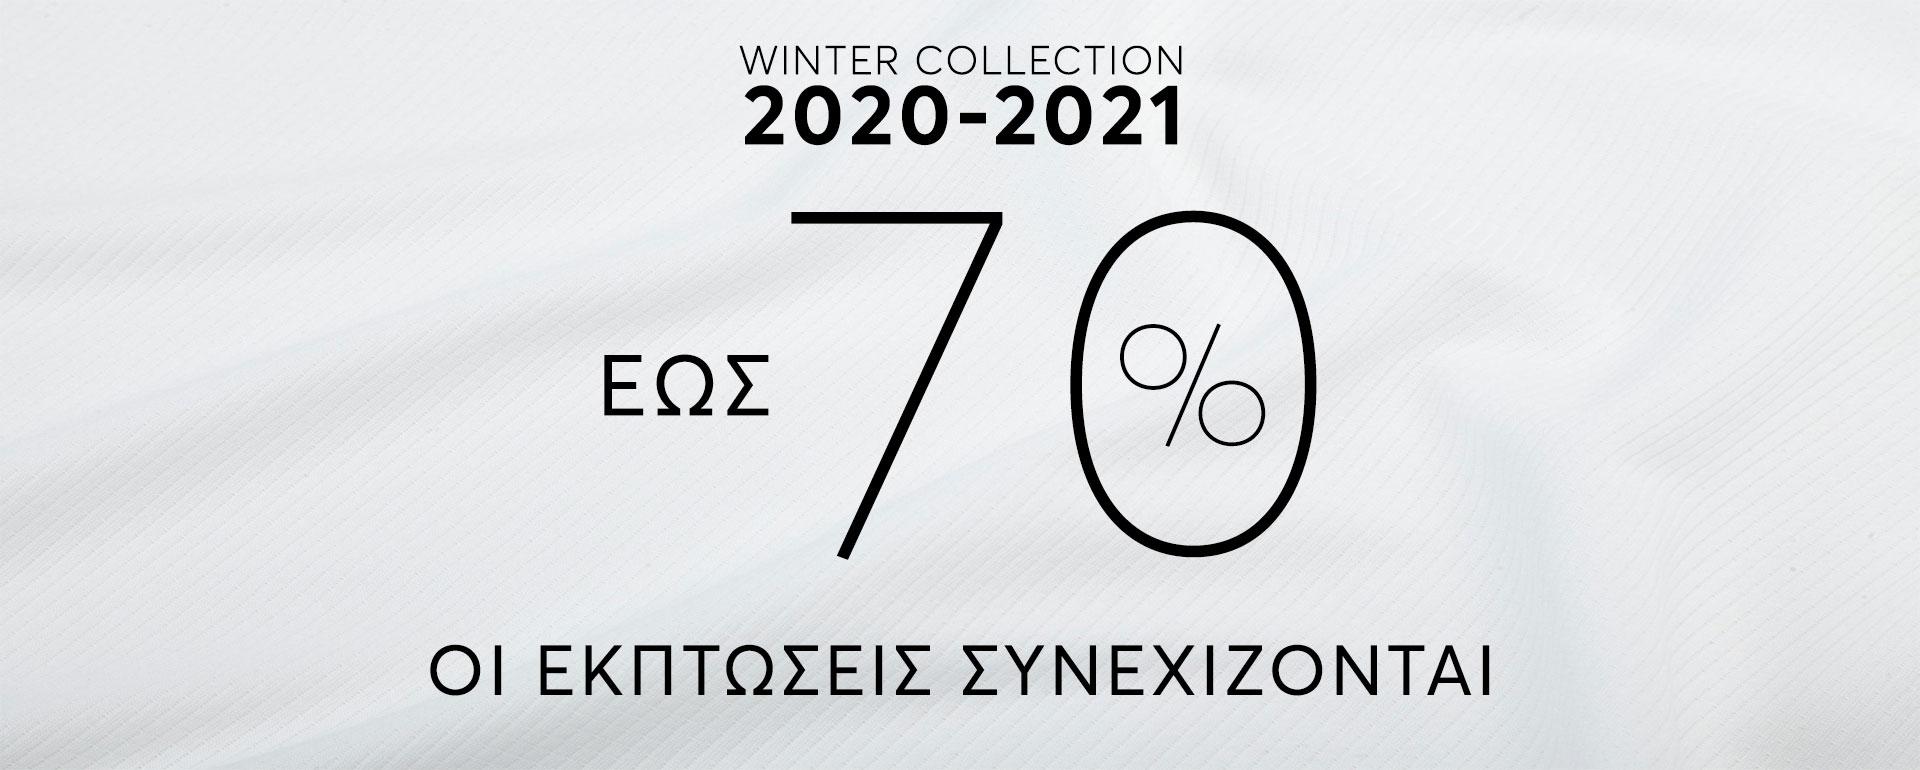 SALES 70 NEW